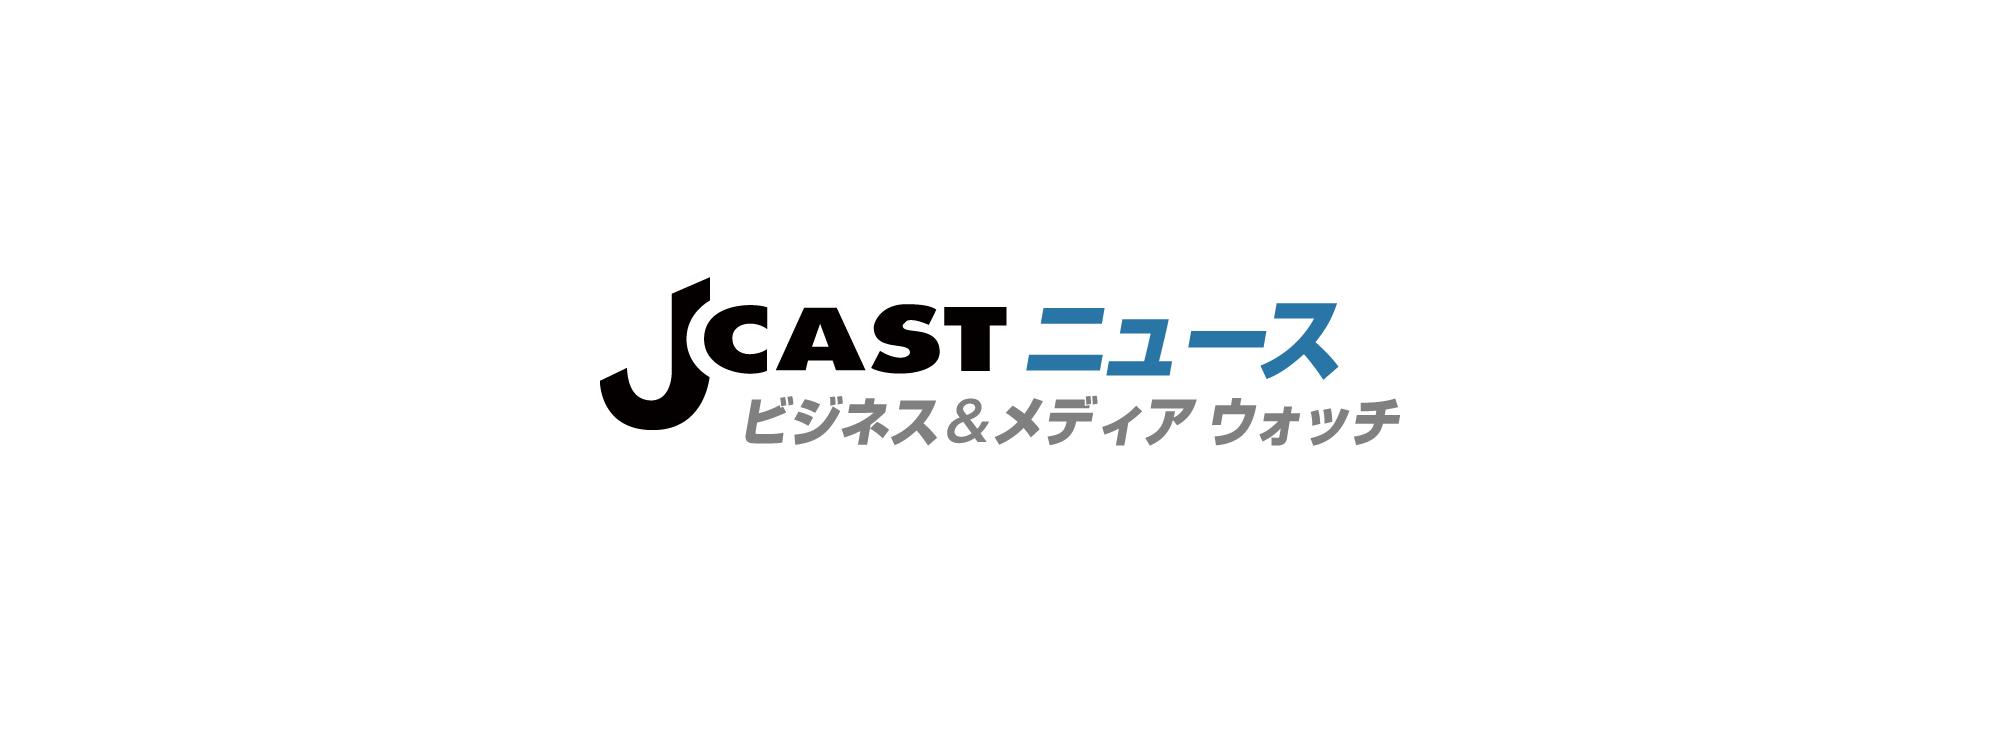 宮川大輔 本当に恩義がある人 : J-CASTテレビウォッチ